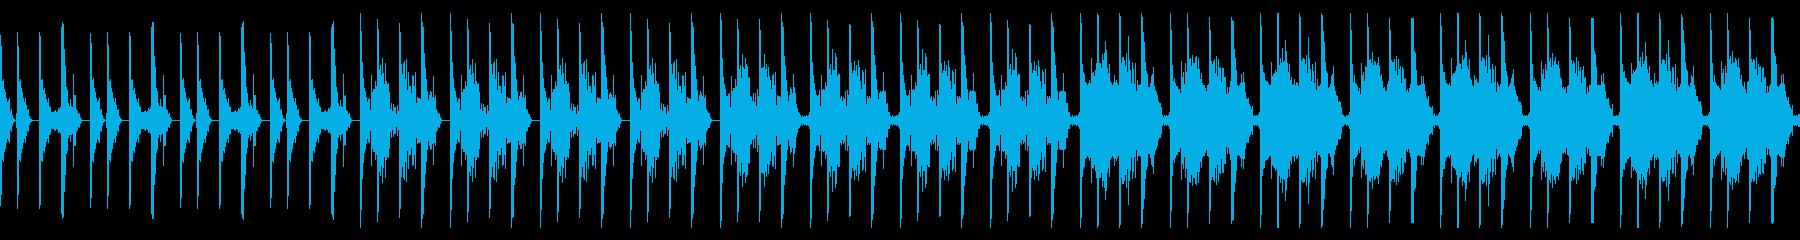 ミステリアスなテクスチャBGMの再生済みの波形